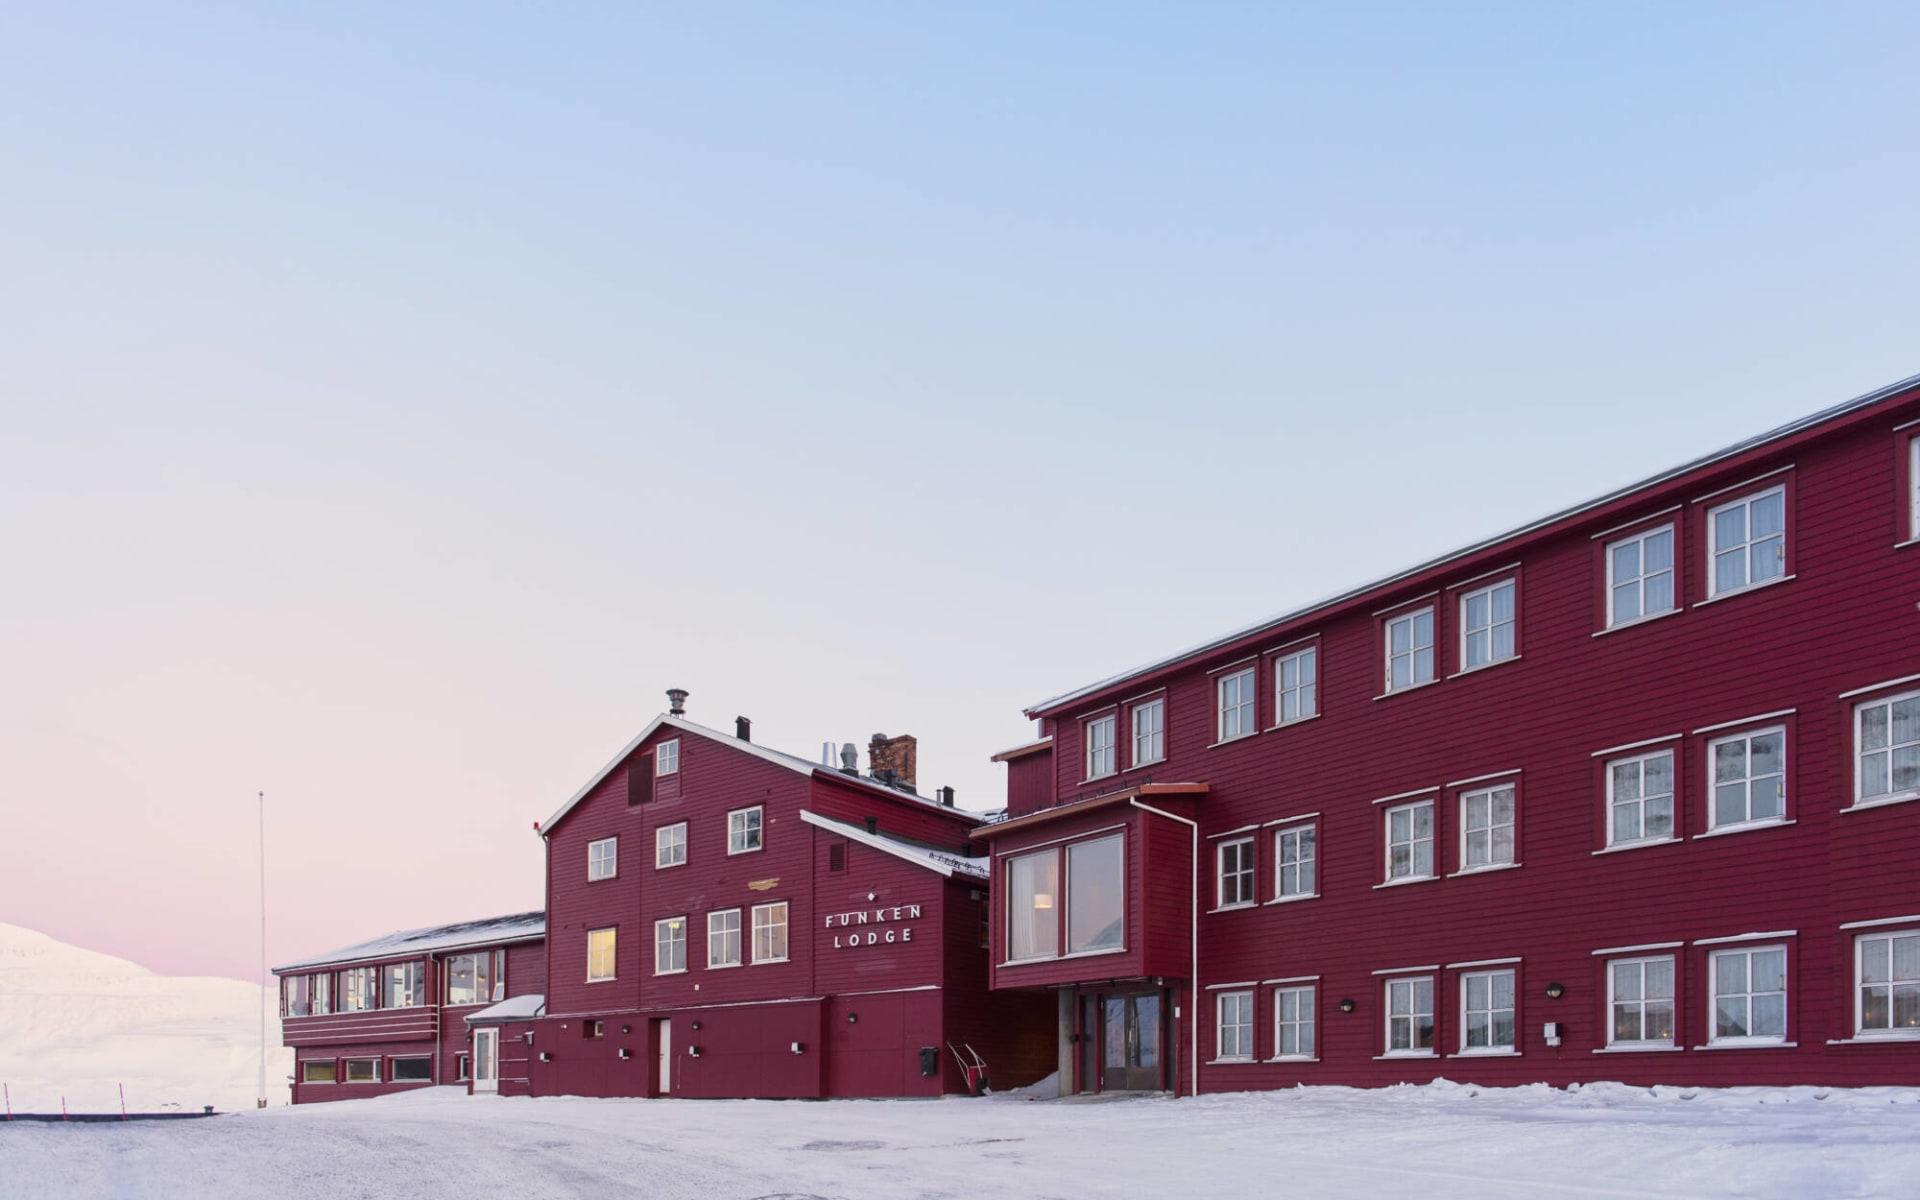 Funken Lodge in Longyearbyen: Longyearbyen, Funken Lodge aussen